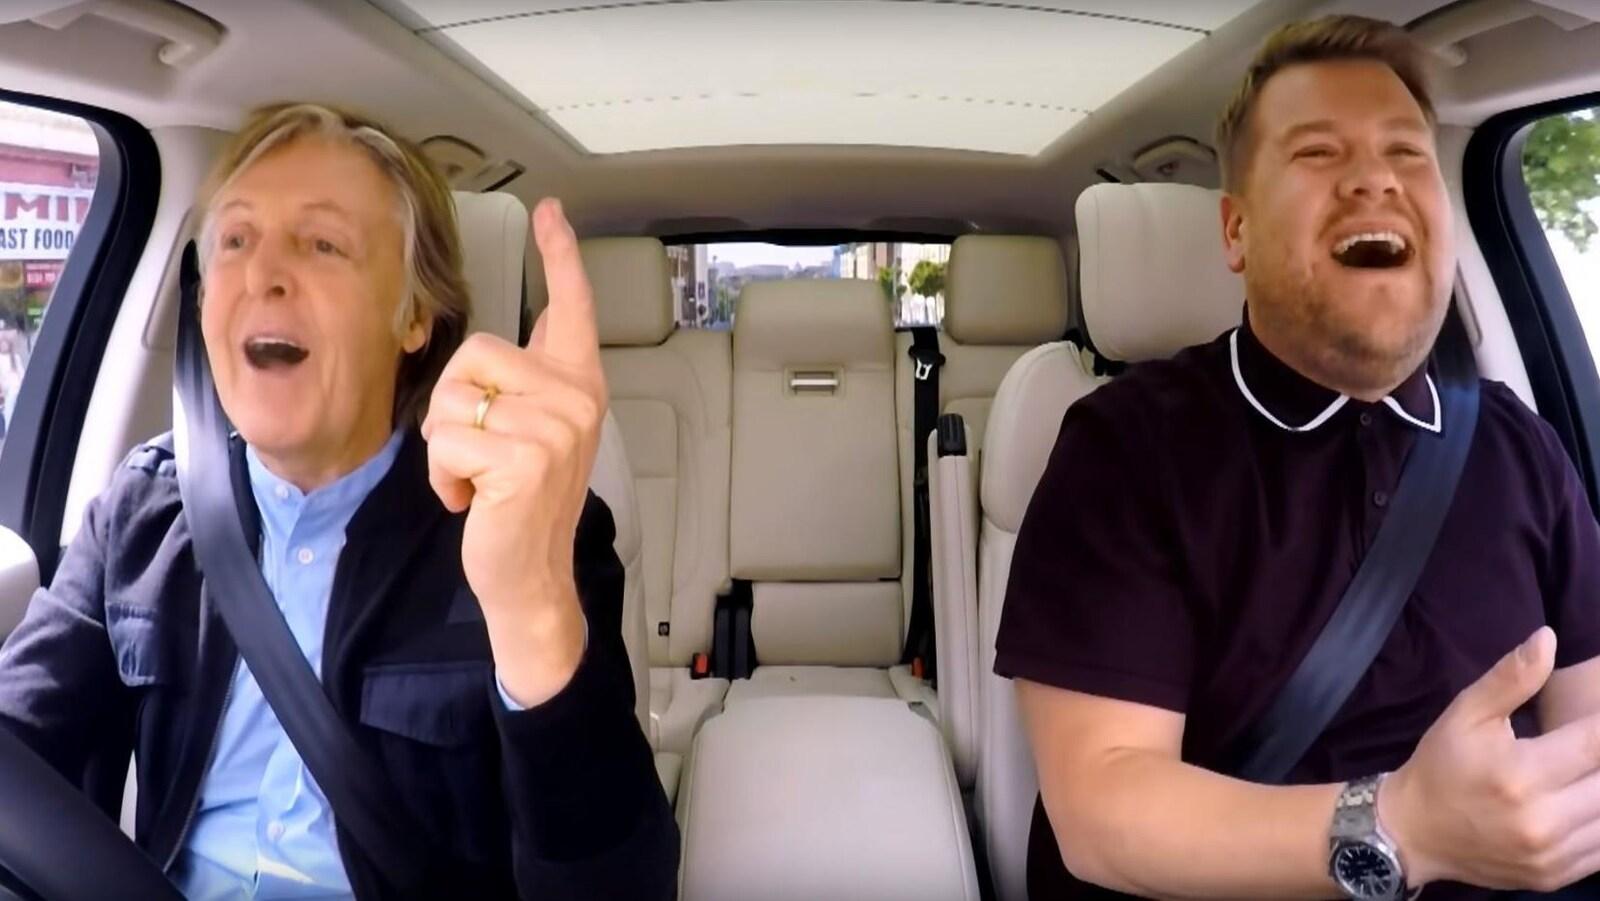 Paul McCartney et James Corden chantent ensemble dans une voiture, au Royaume-Uni, pour l'émission « The Late Late Show ».